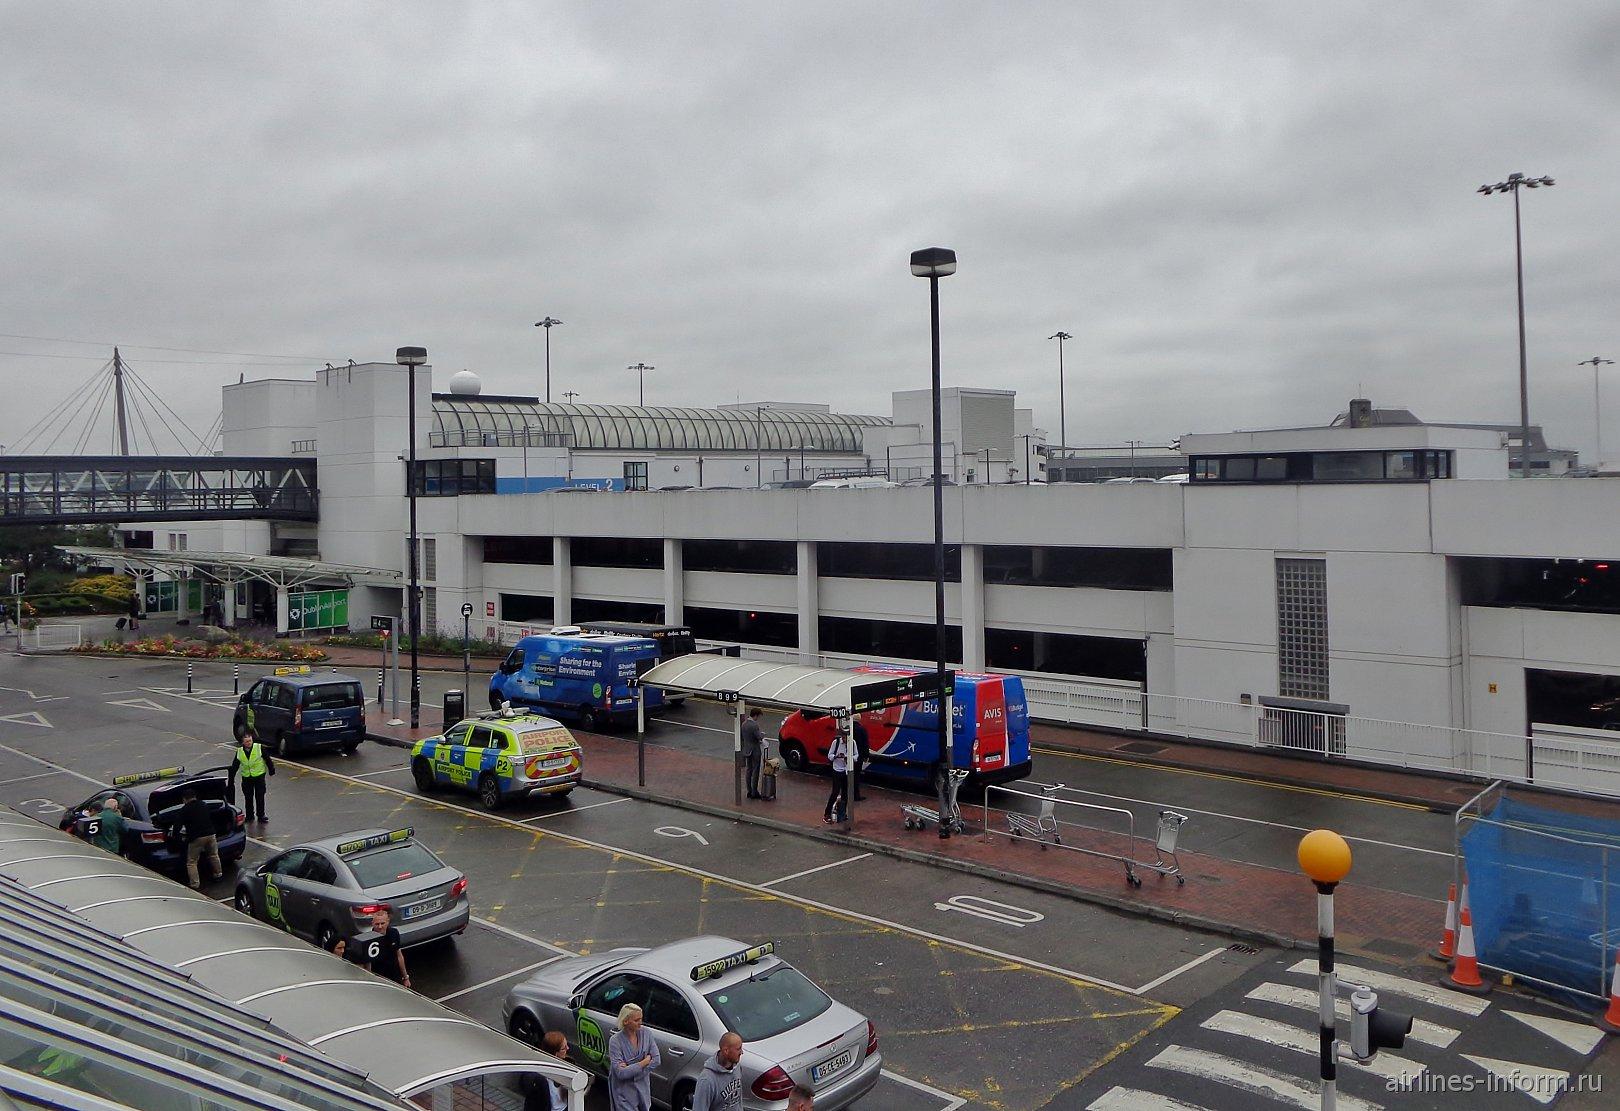 Автомобильная парковка у терминала 1 аэропорта Дублин